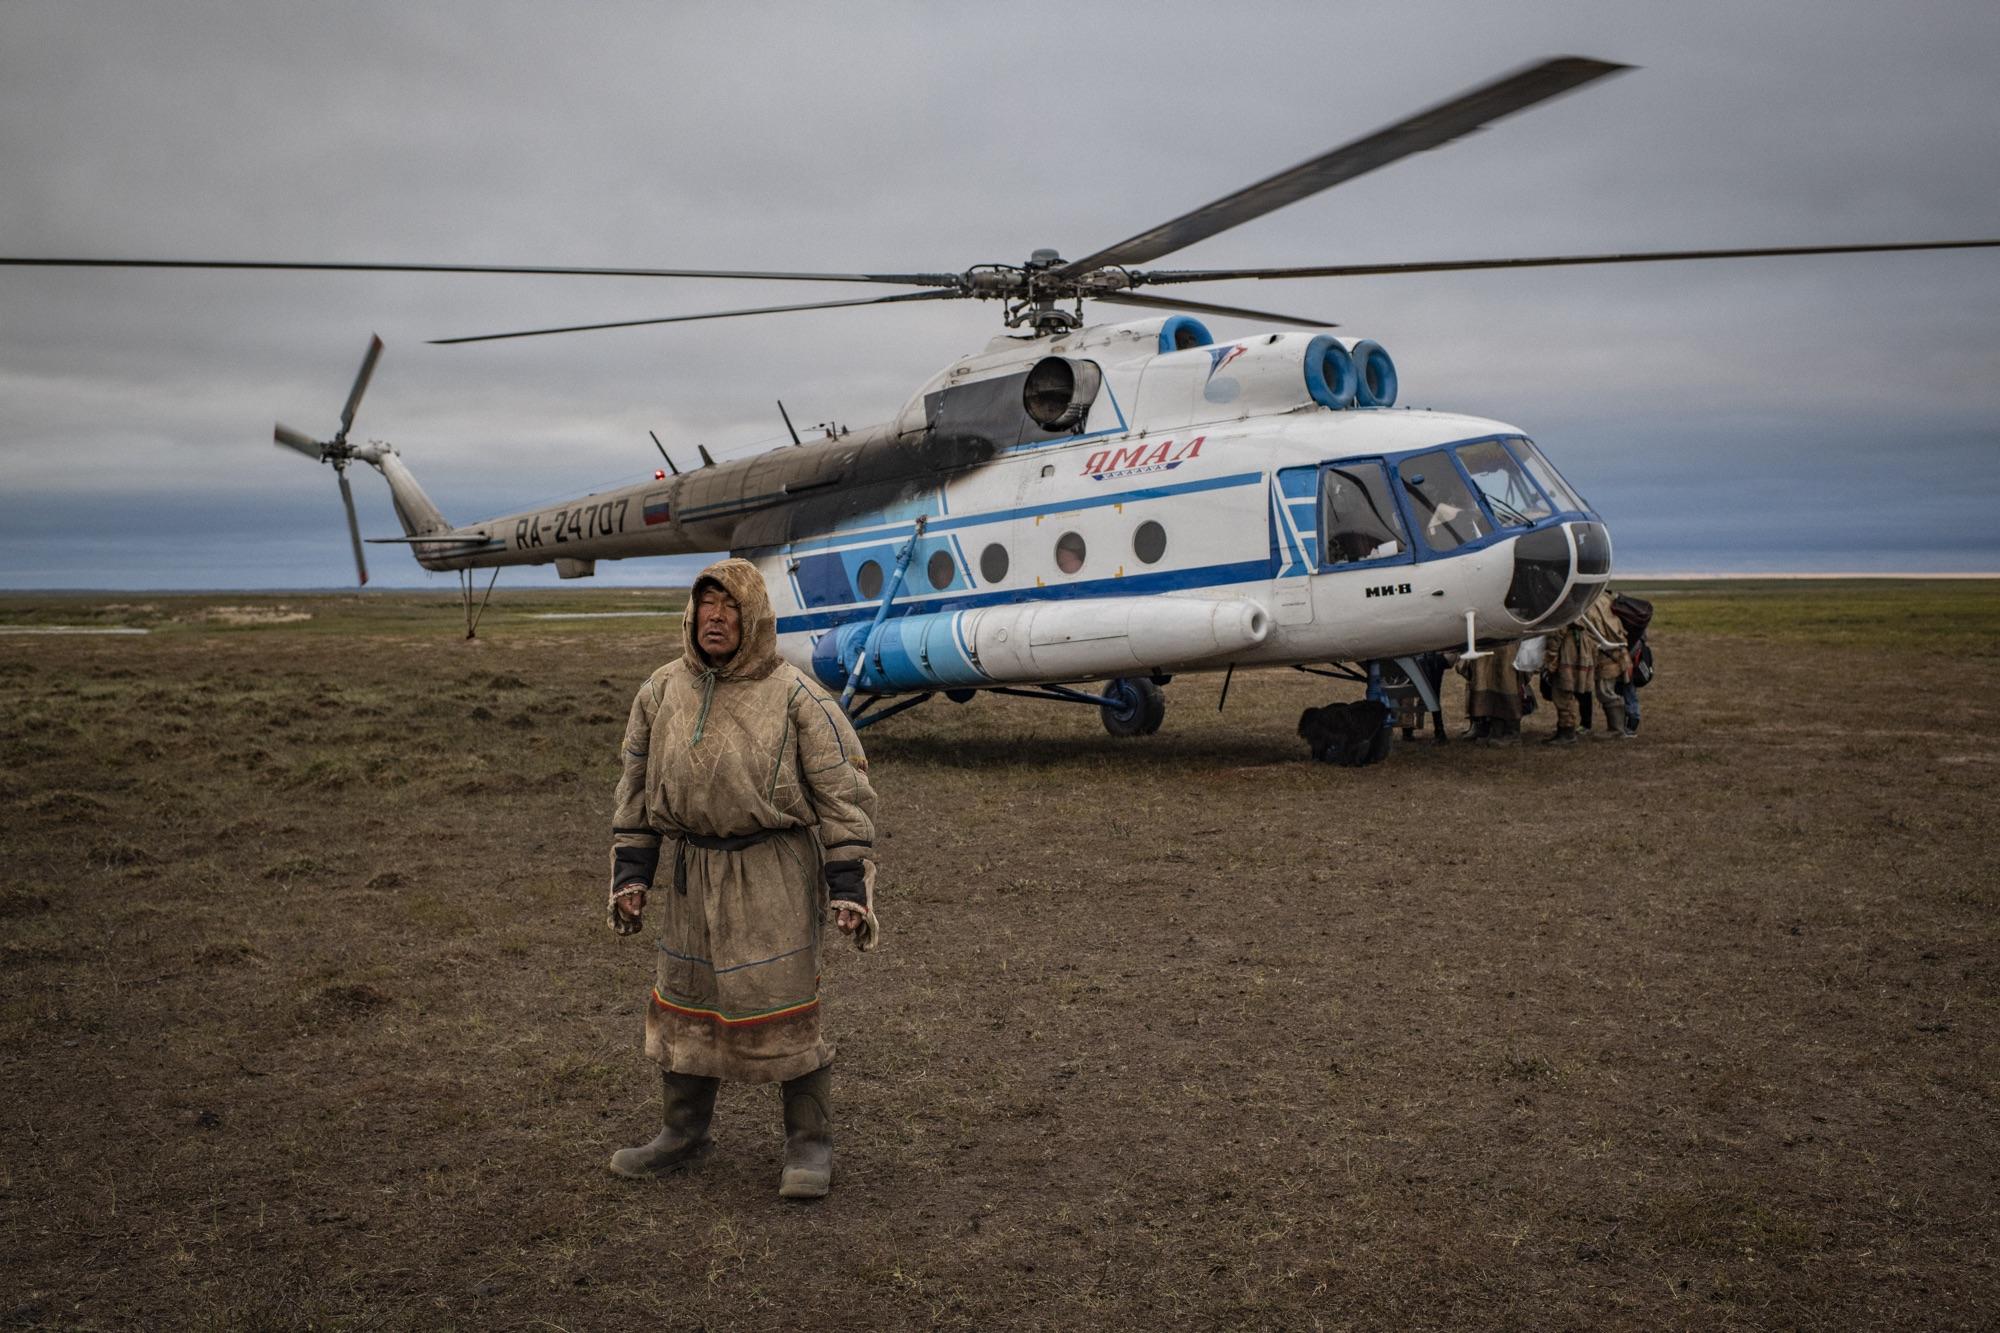 Een man in een eskimopak staat op de noordpool waar geen ijs meer ligt met achter hem een vliegtuigje waar anderen spullen aan het uit- en inladen zijn